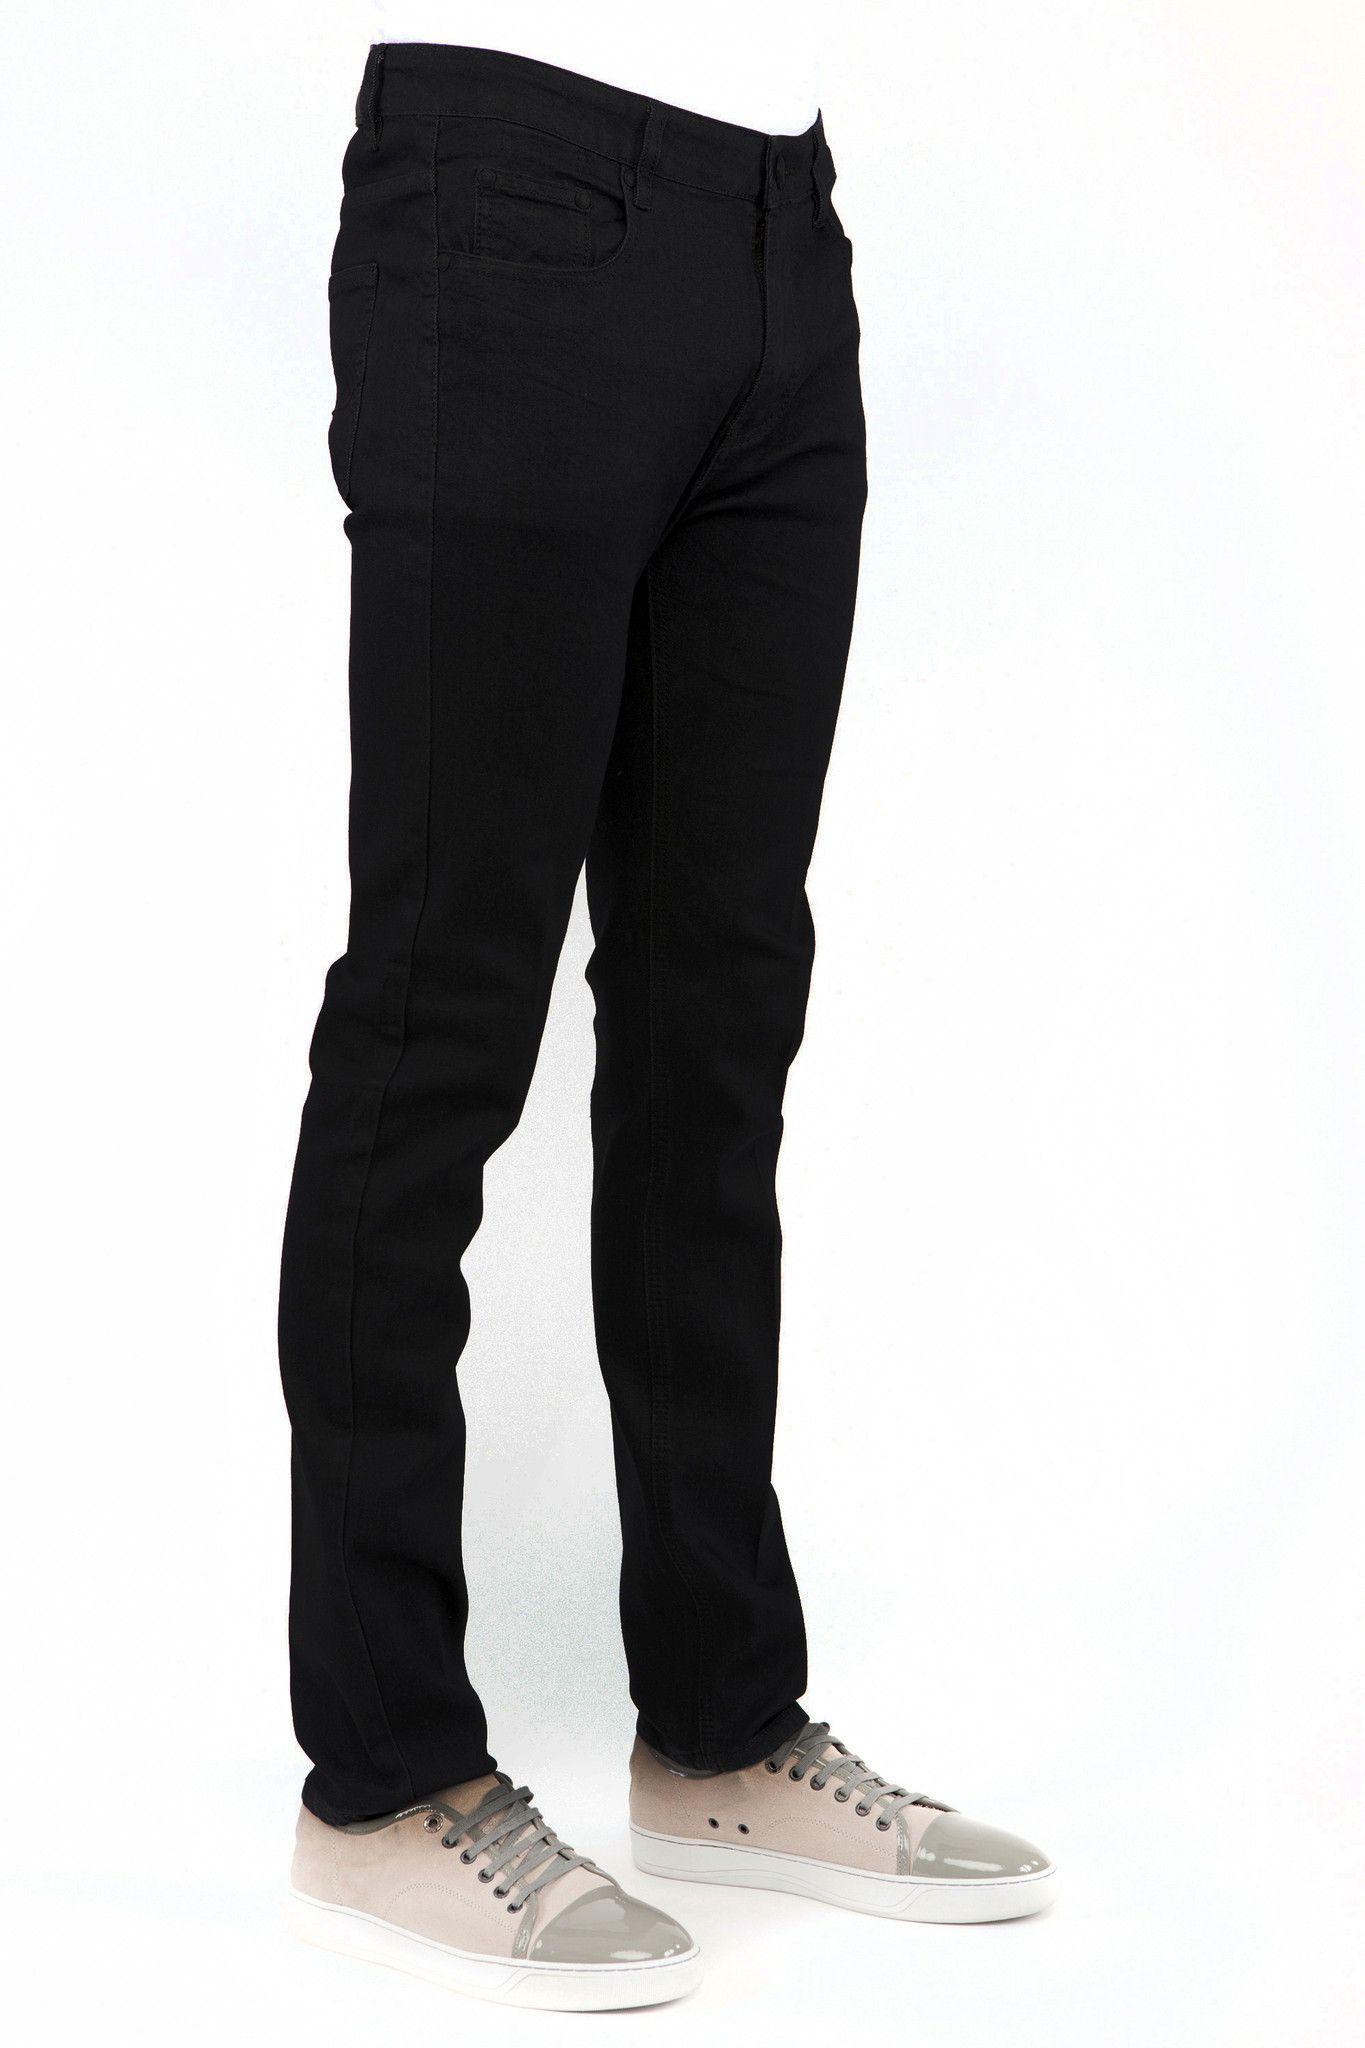 6531bf81 Jet Black Skinny-Stretch Jean (714) in 2019 | Products | Black denim ...